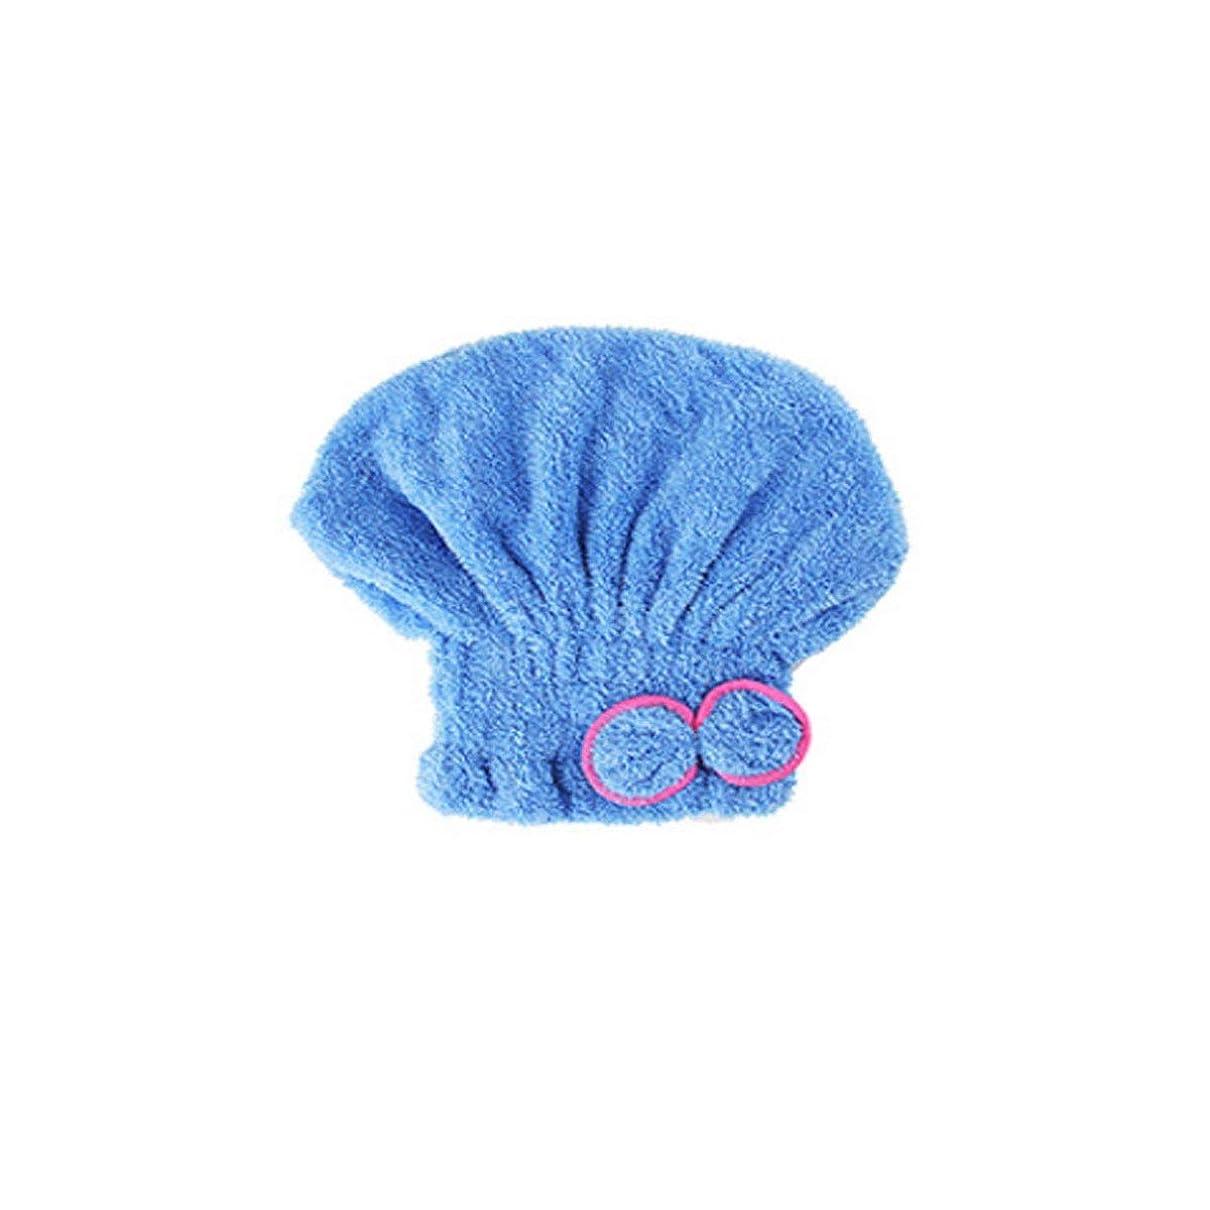 ただやる賭け修正するHENGTONGTONGXUN シャワーキャップ、ドライヘアキャップ、レディースバッグヘア速乾性タオル、吸収性ドライヘアタオル、かわいいシャワーキャップ (Color : A1)